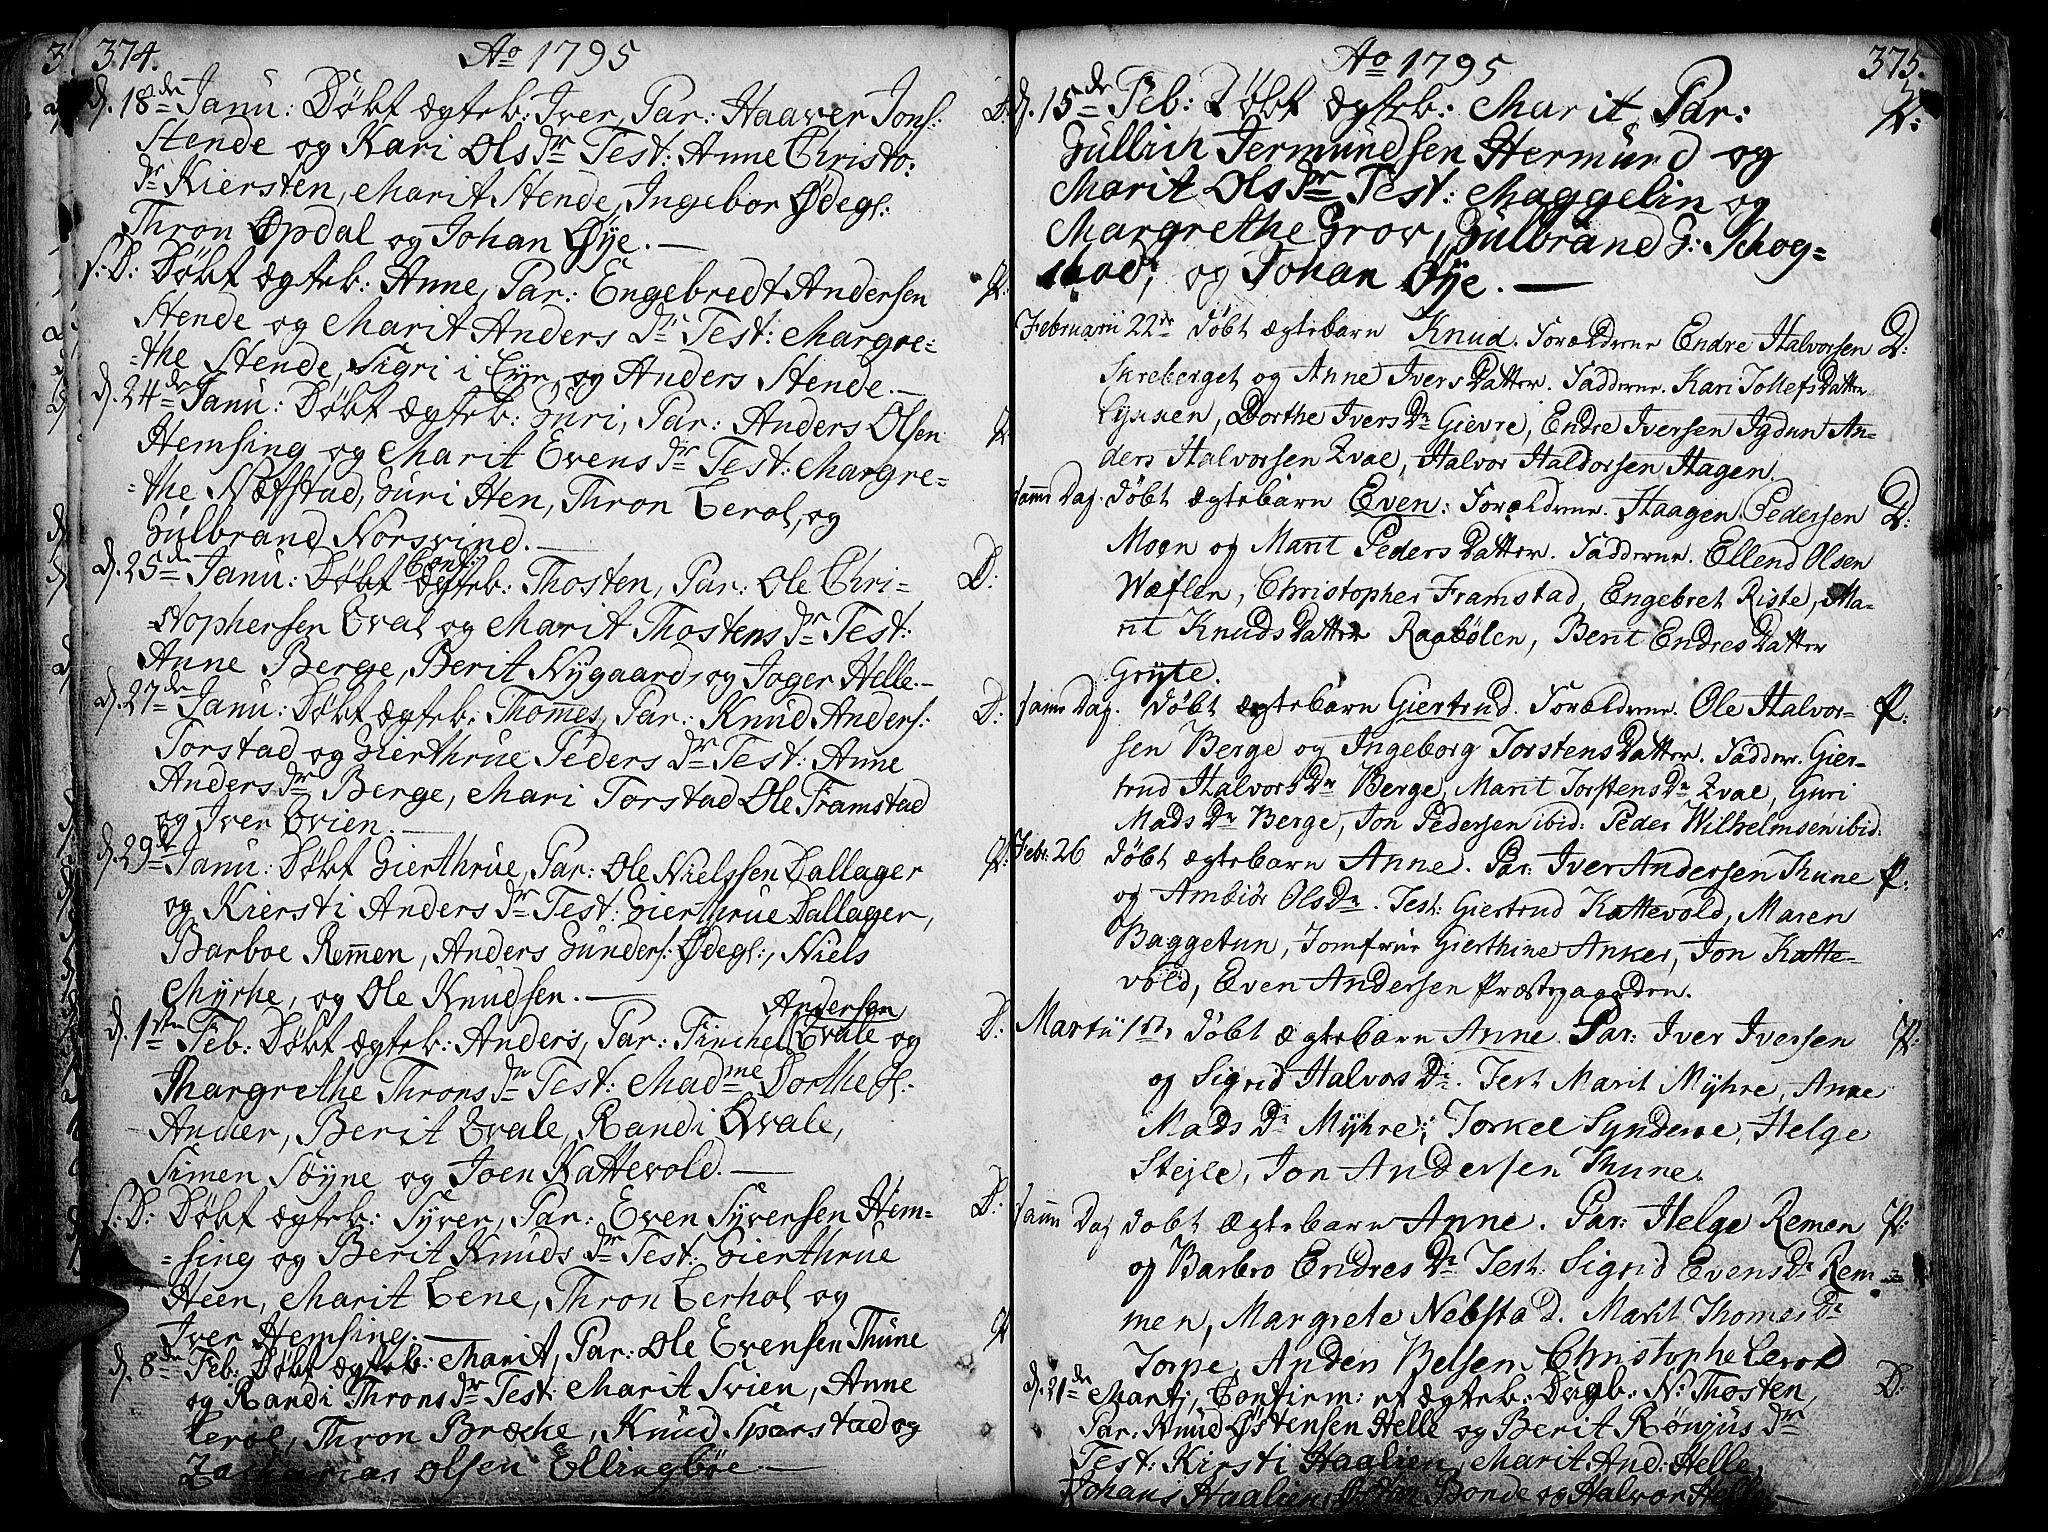 SAH, Vang prestekontor, Valdres, Ministerialbok nr. 1, 1730-1796, s. 374-375